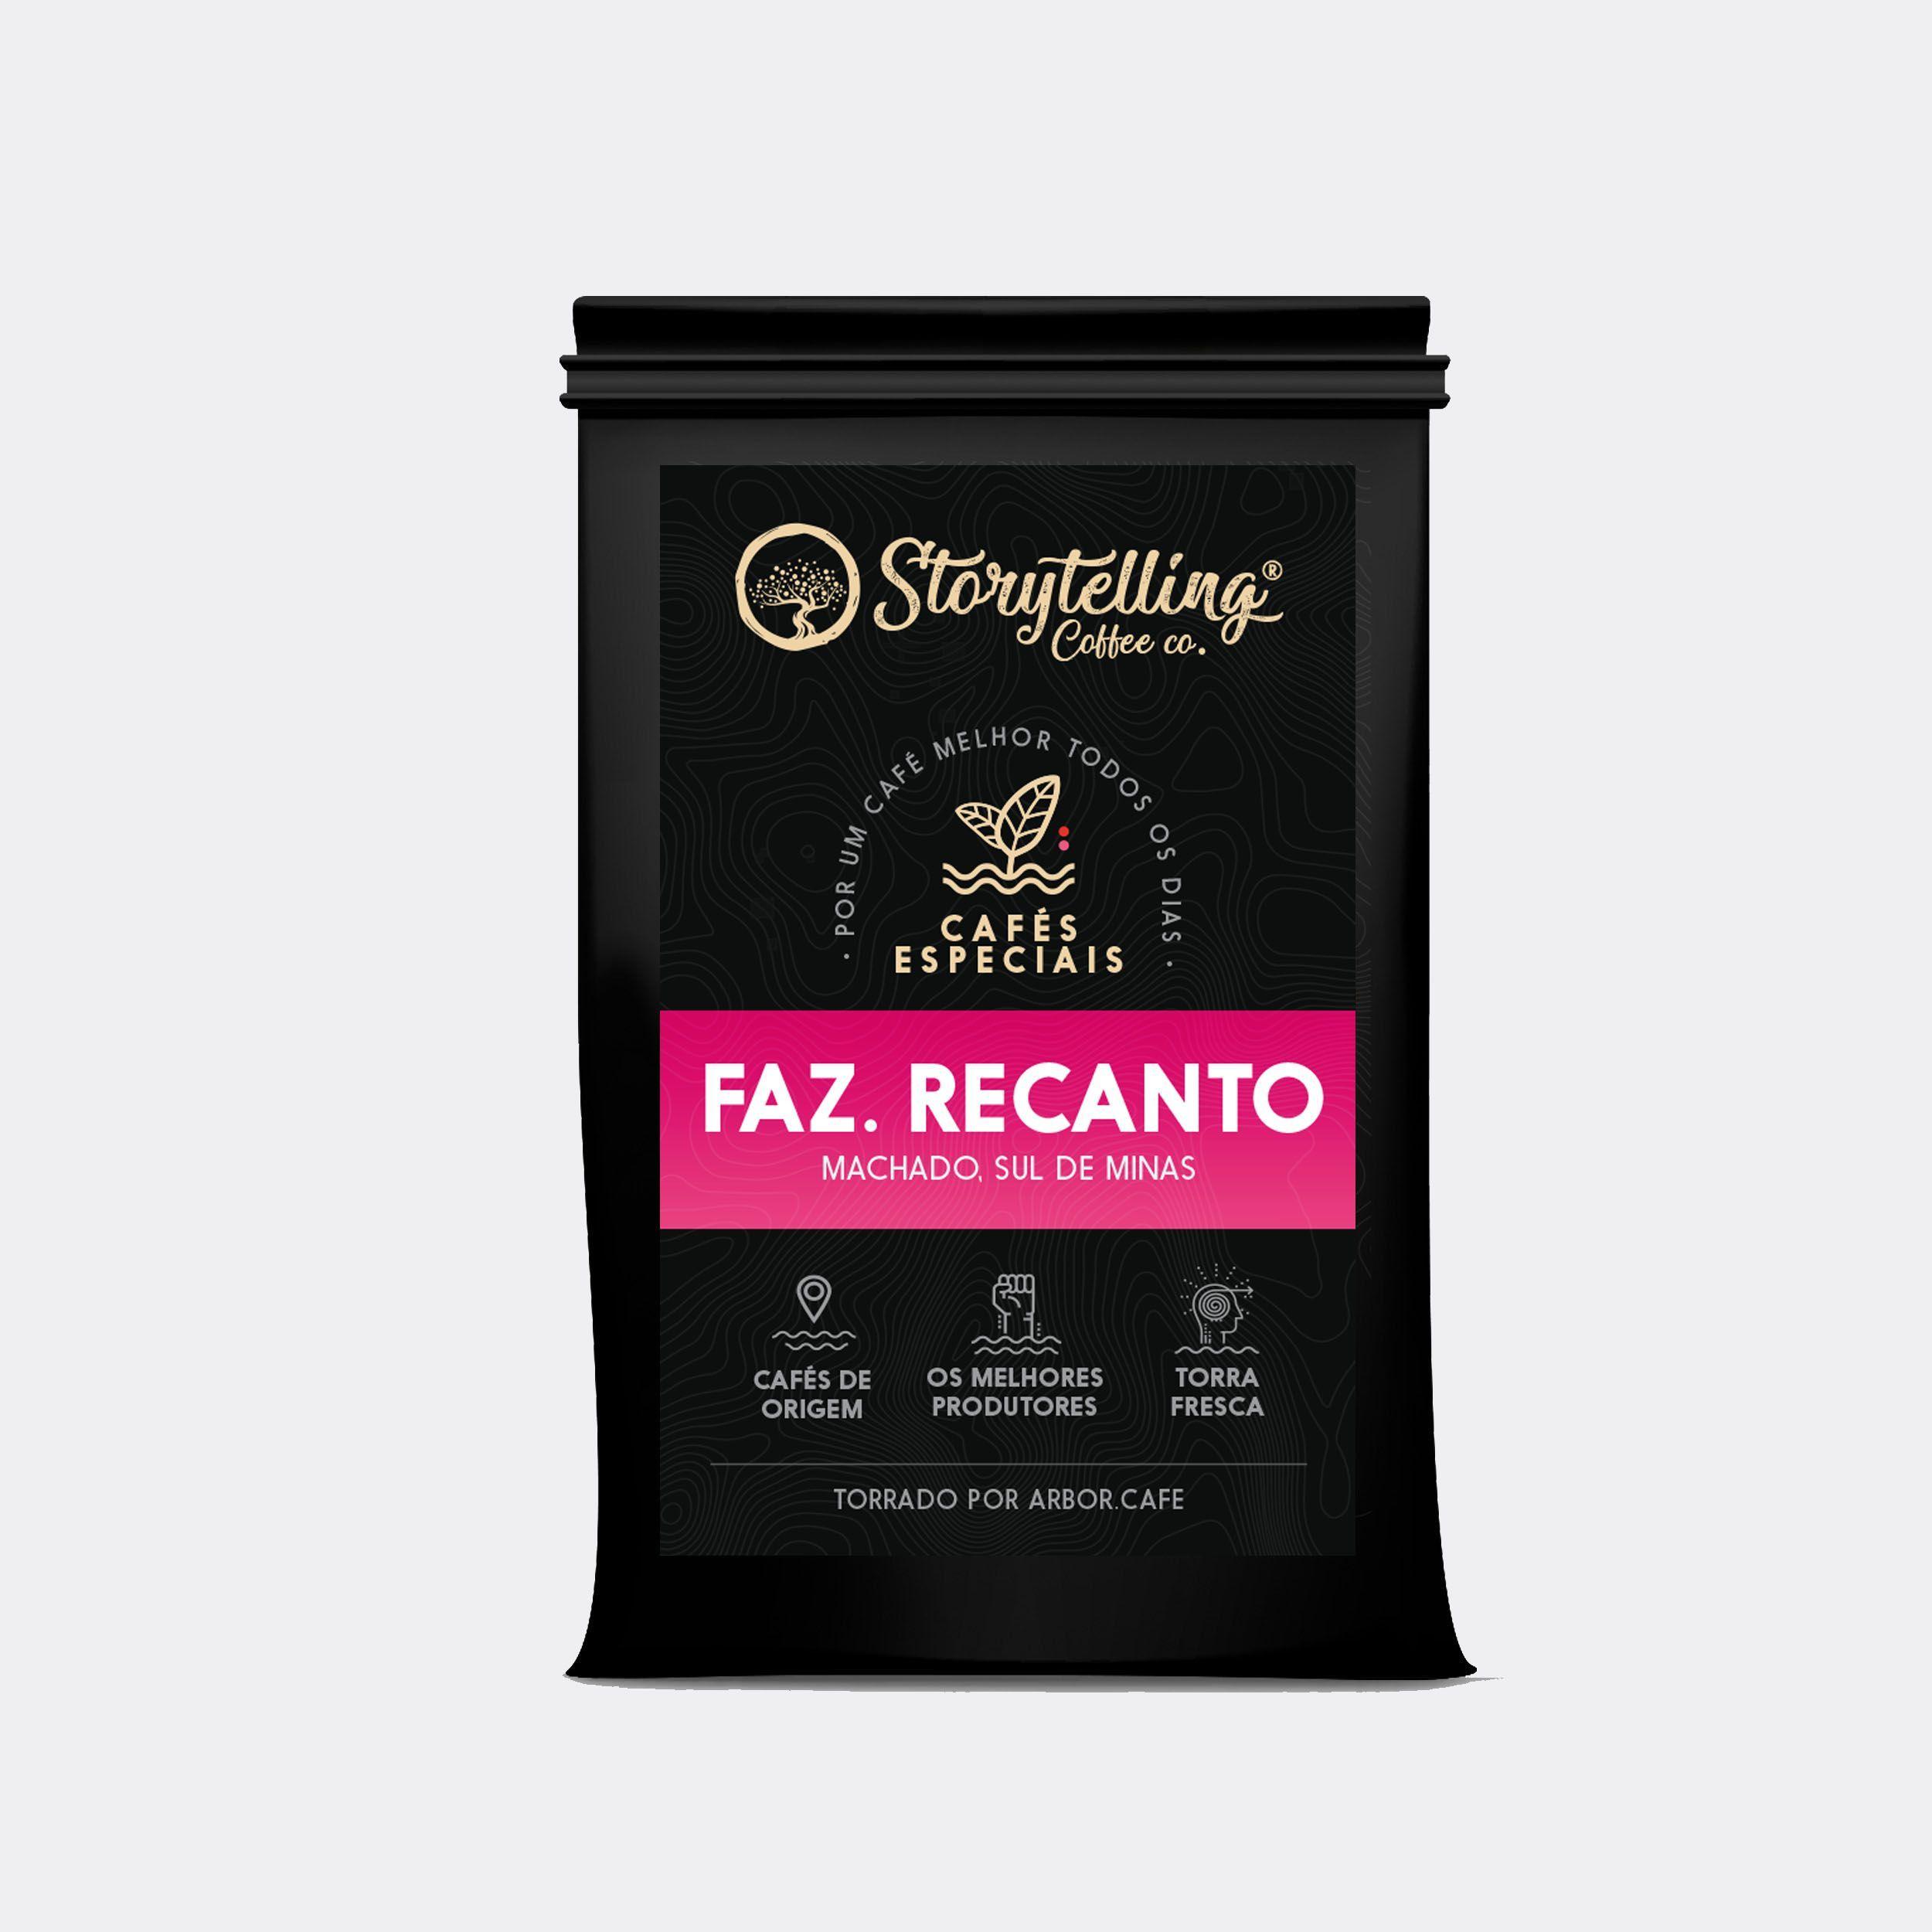 Café Fazenda Recanto Especial-Storytelling Coffee